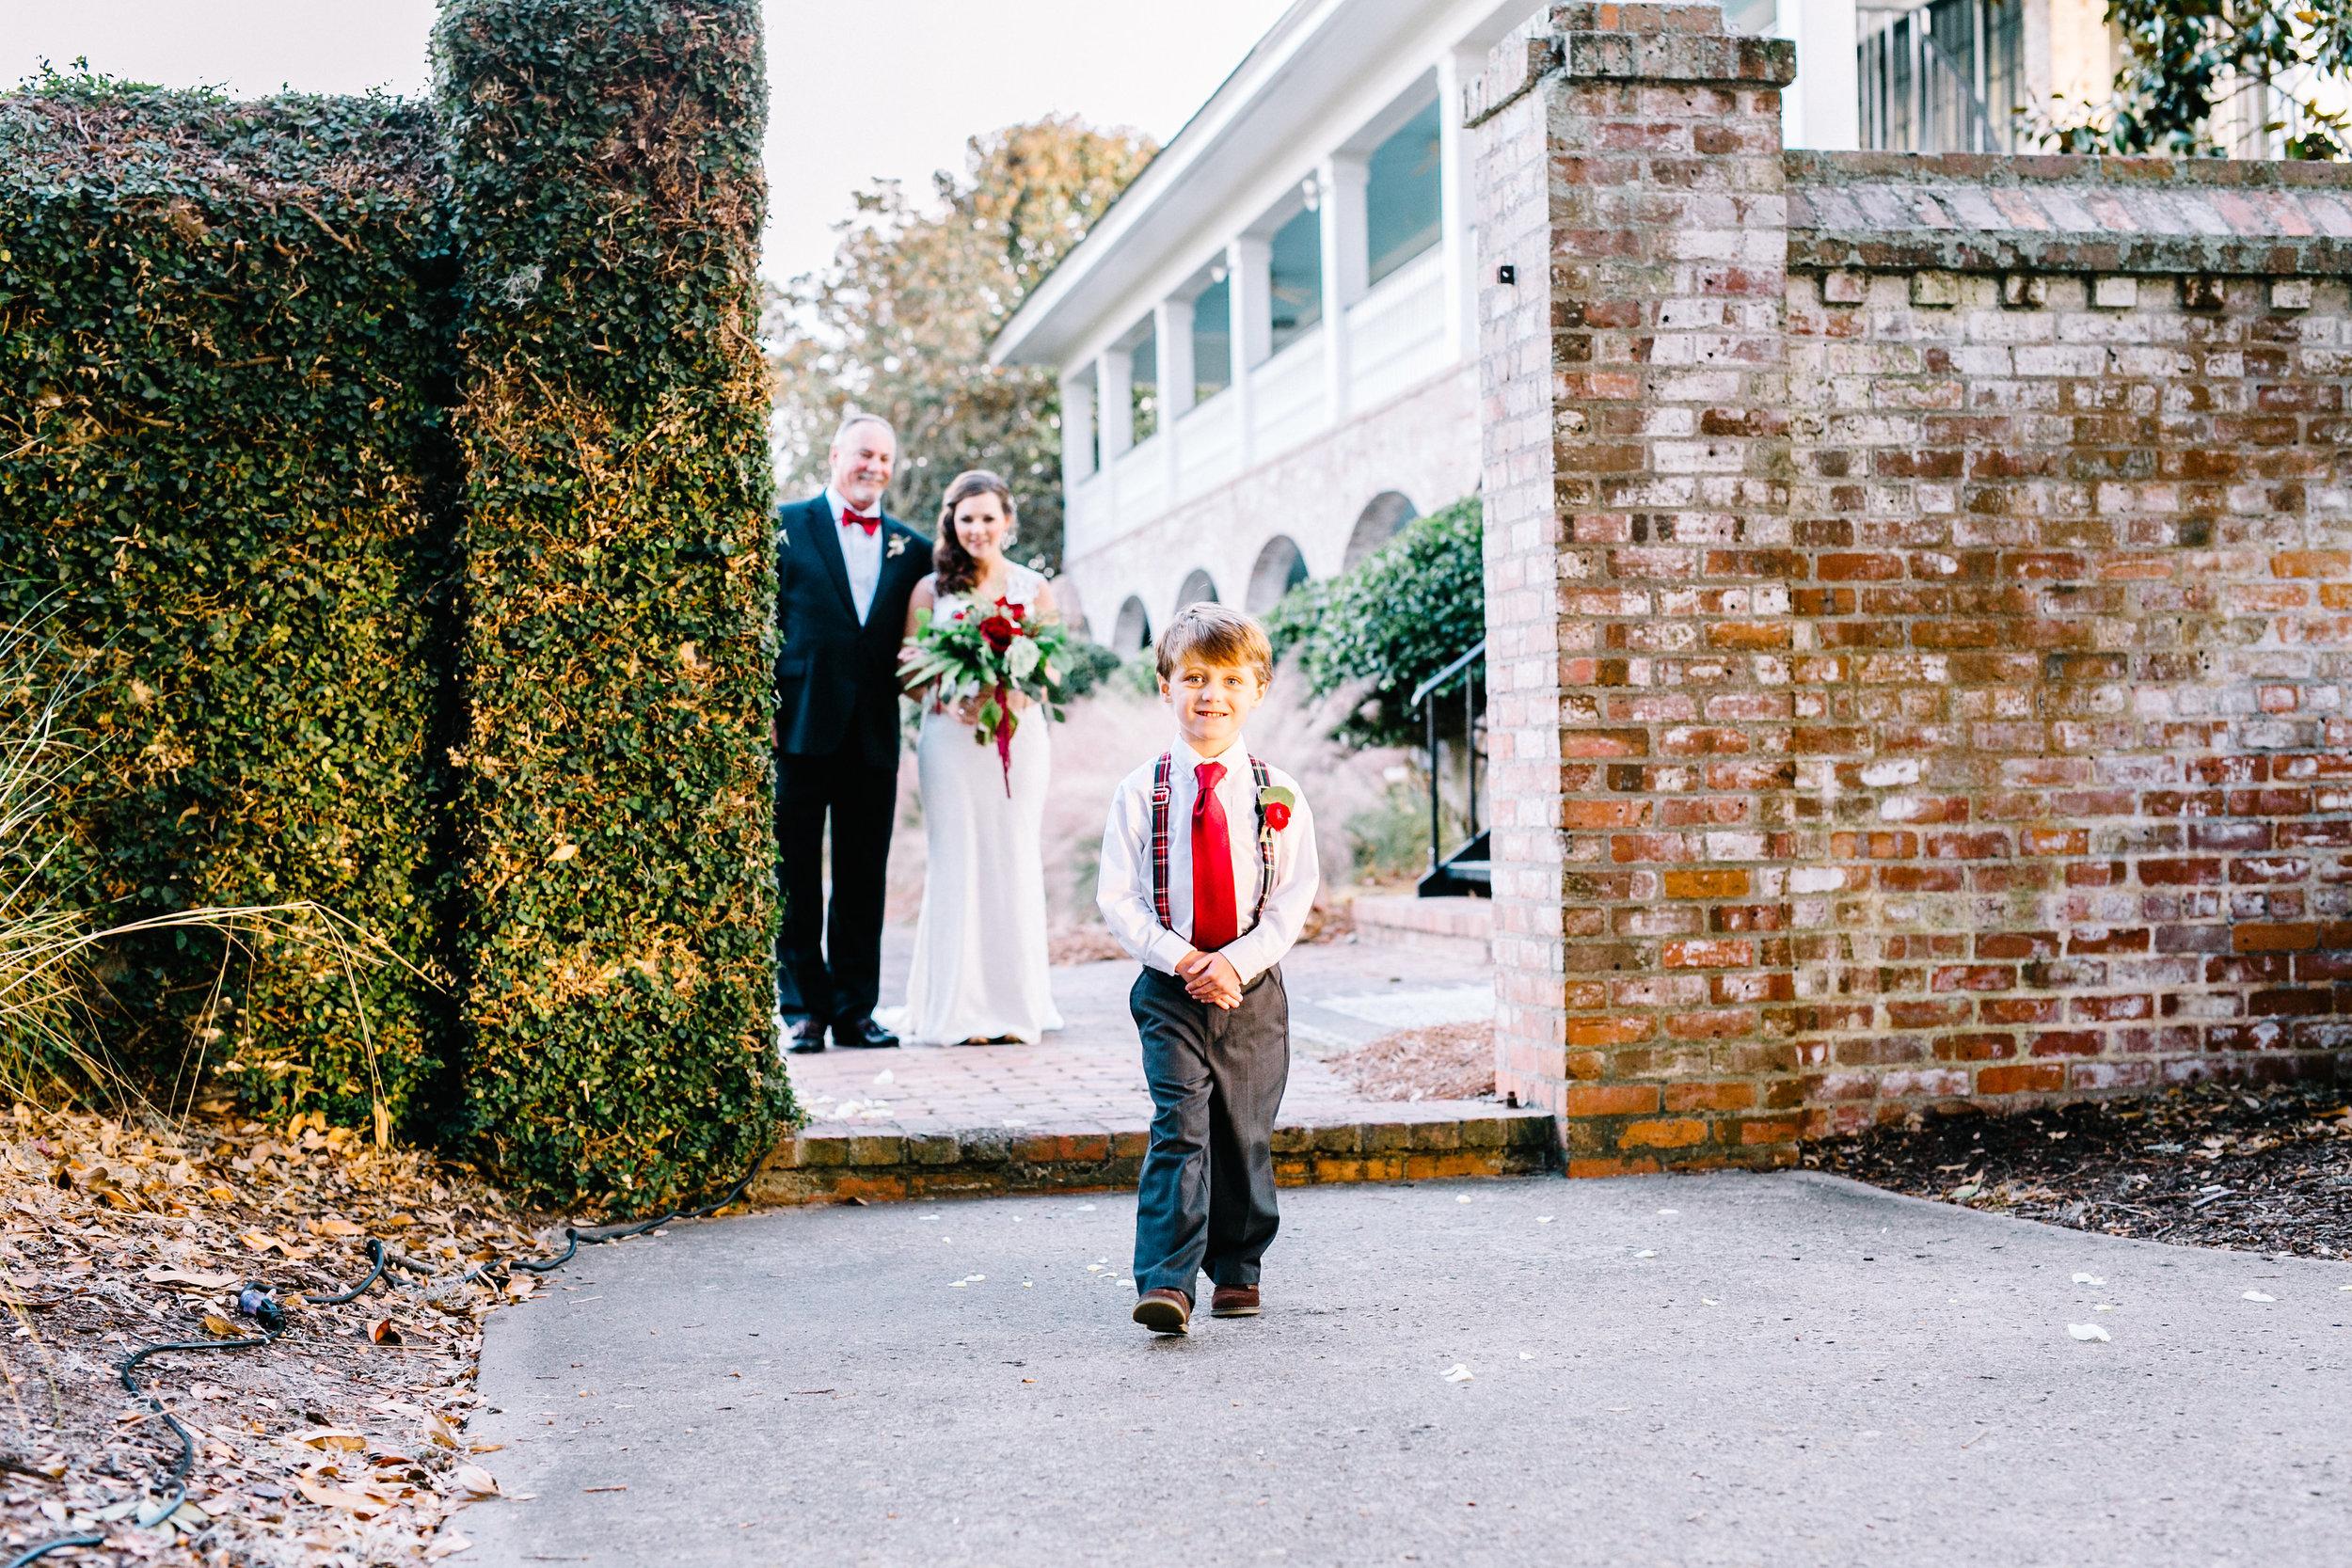 dunes-west-wedding-15.jpg